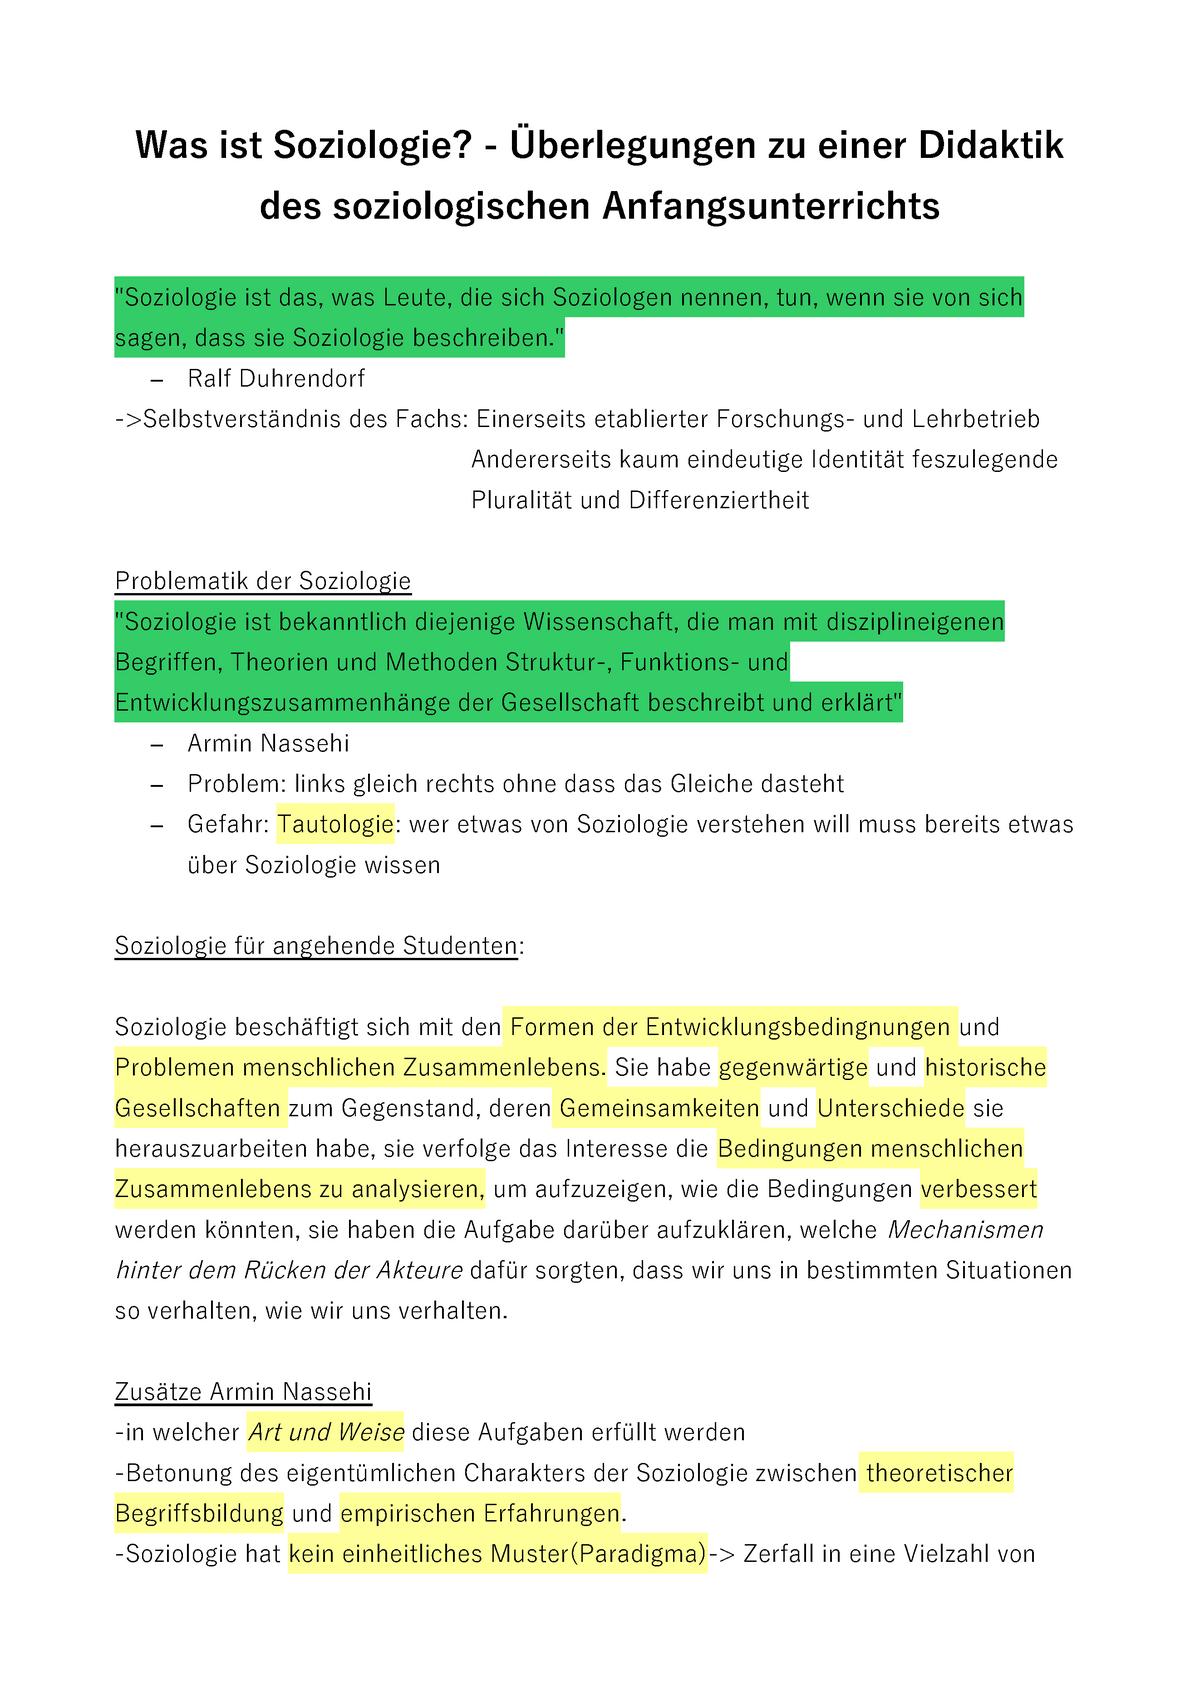 Was ist Soziologie Armin Nassehi Zusammenfassung - 15329 ...